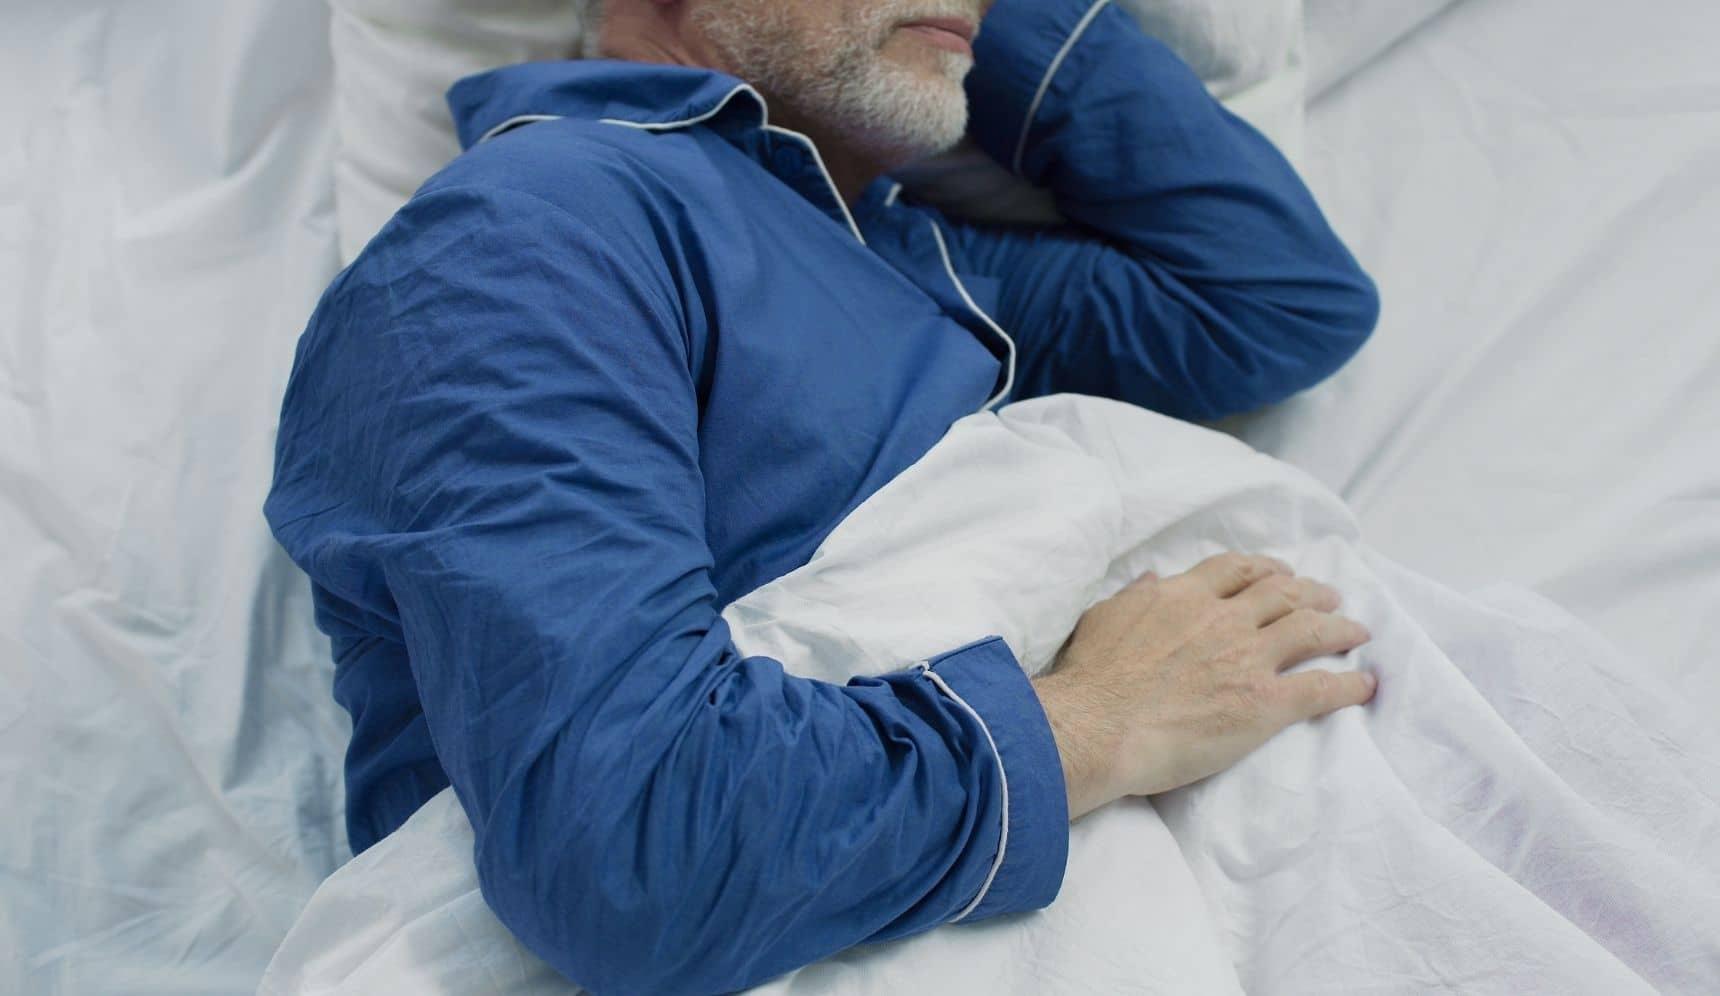 Elderly man sleeping in blue pajamas in bed